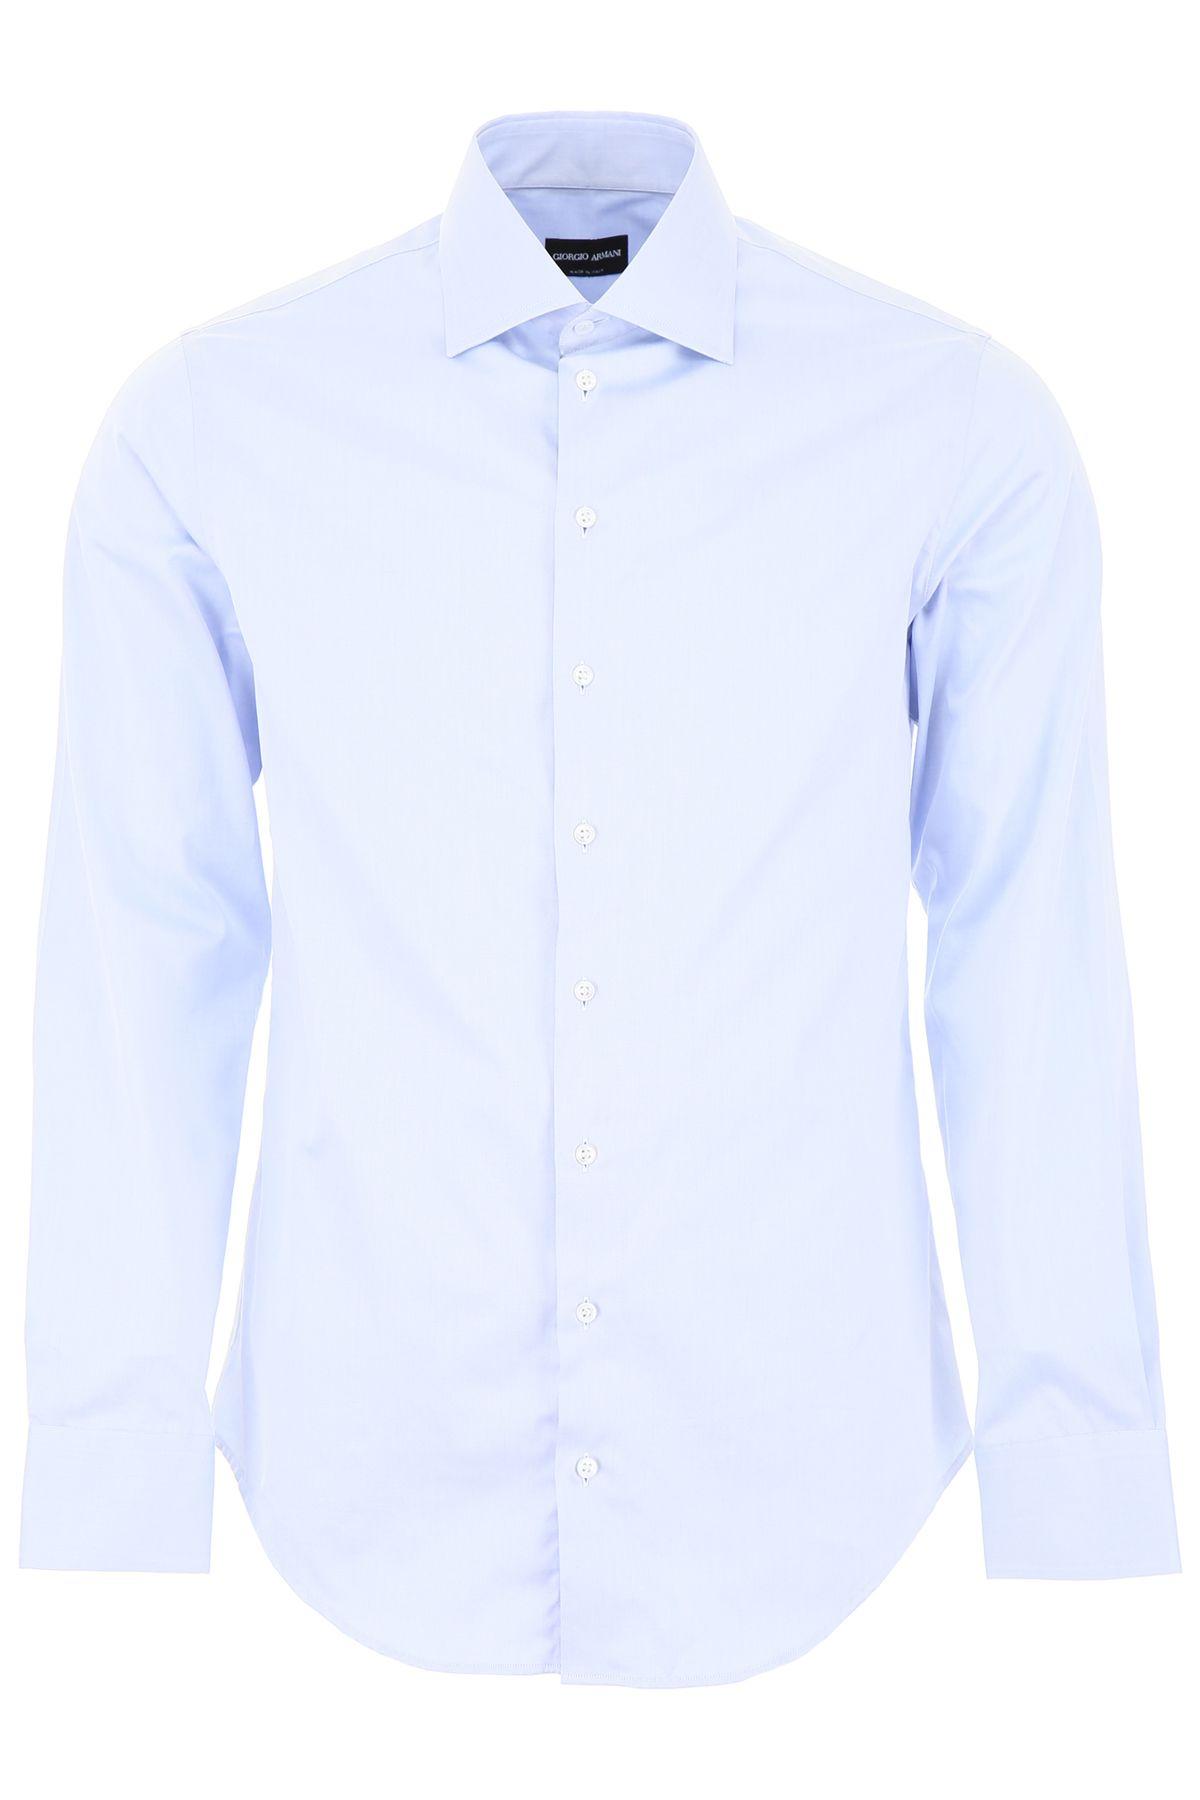 fdbd54b8 Giorgio Armani Giorgio Armani Cotton Shirt - LIGHT BLUE (Light blue ...